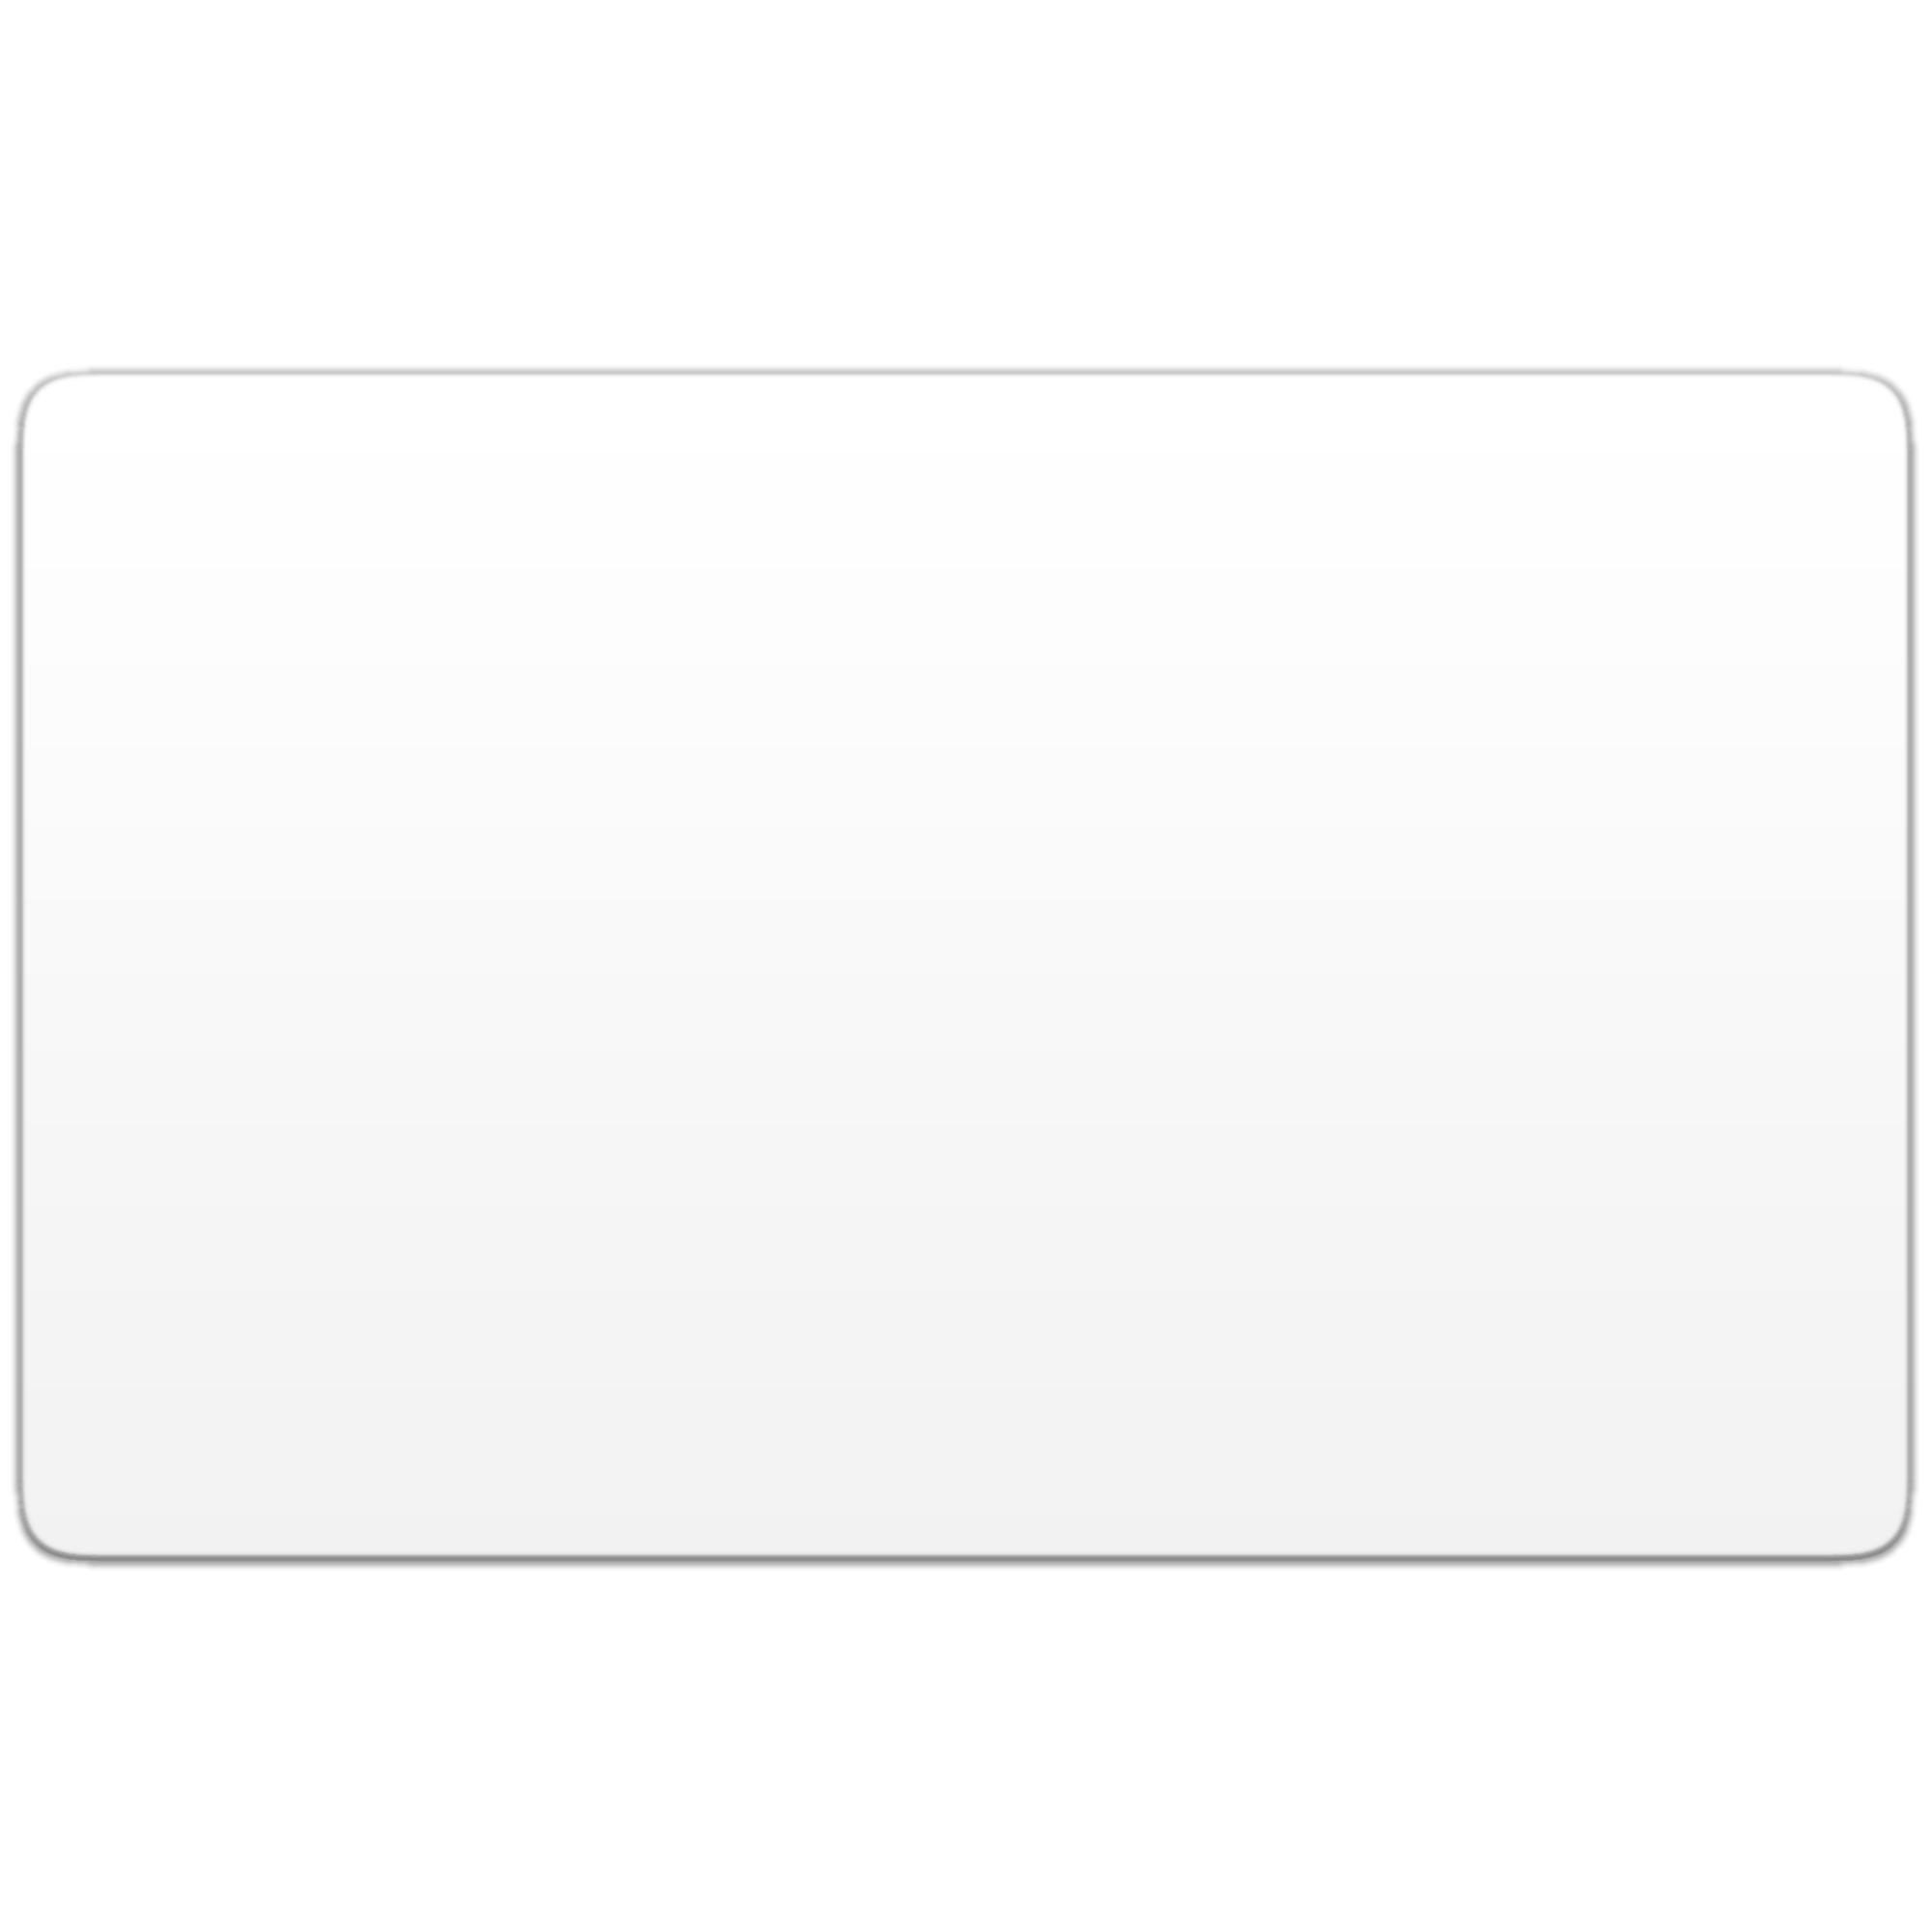 Бесконтактная пластиковая карта HID ProxCard 2